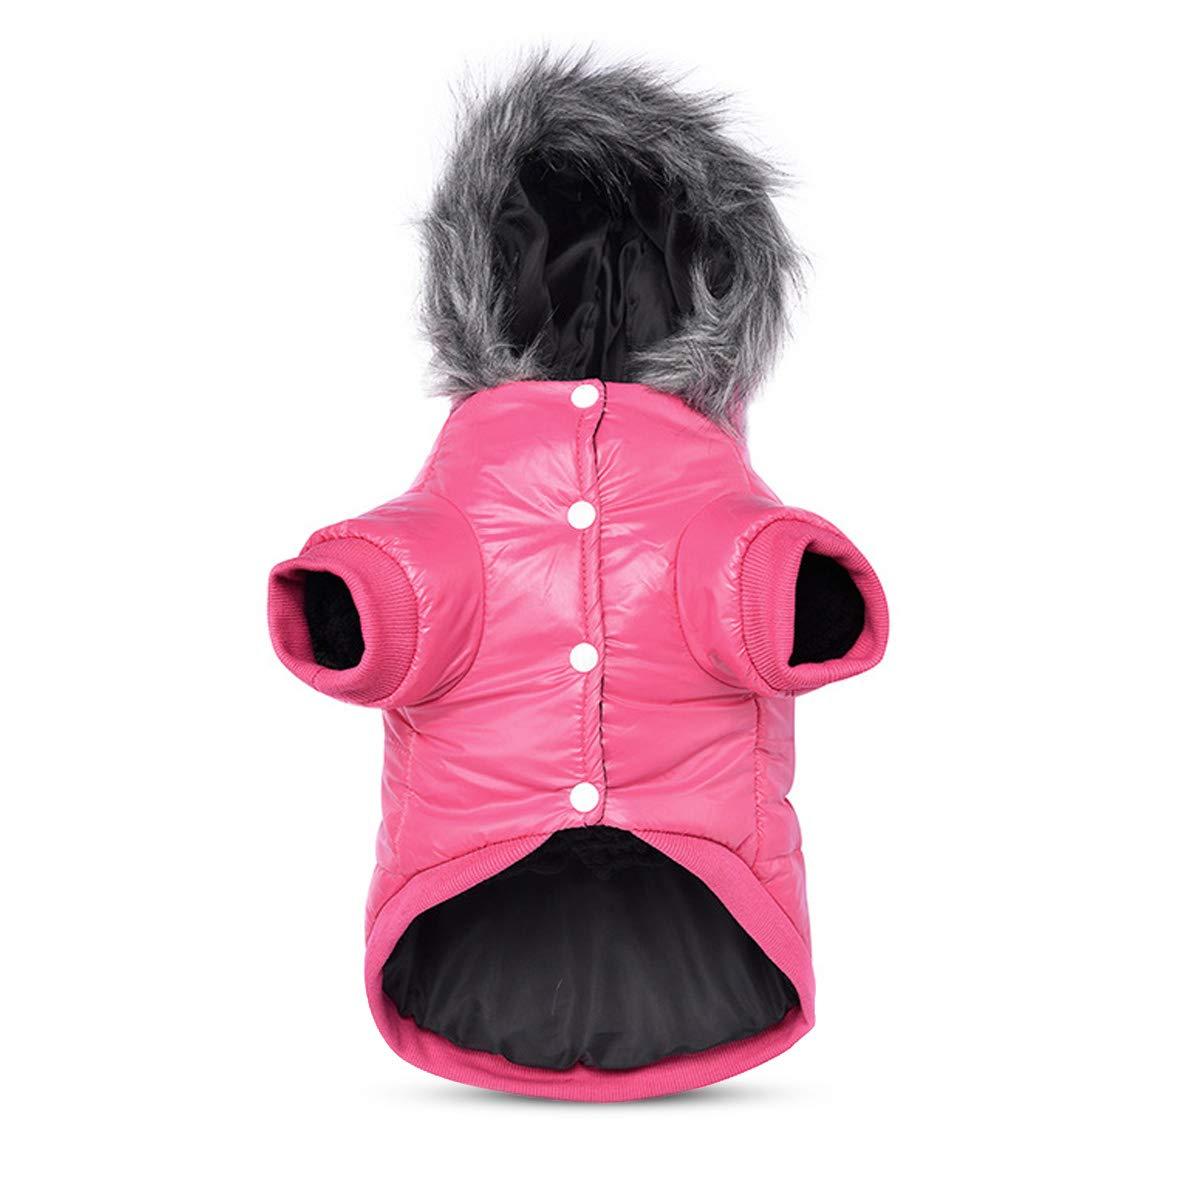 PETCUTE Cappotto invernale per cani, abbigliamento invernale per cani, giacca in felpa calda per cane, antivento e impermeabile, tuta invernale per cani